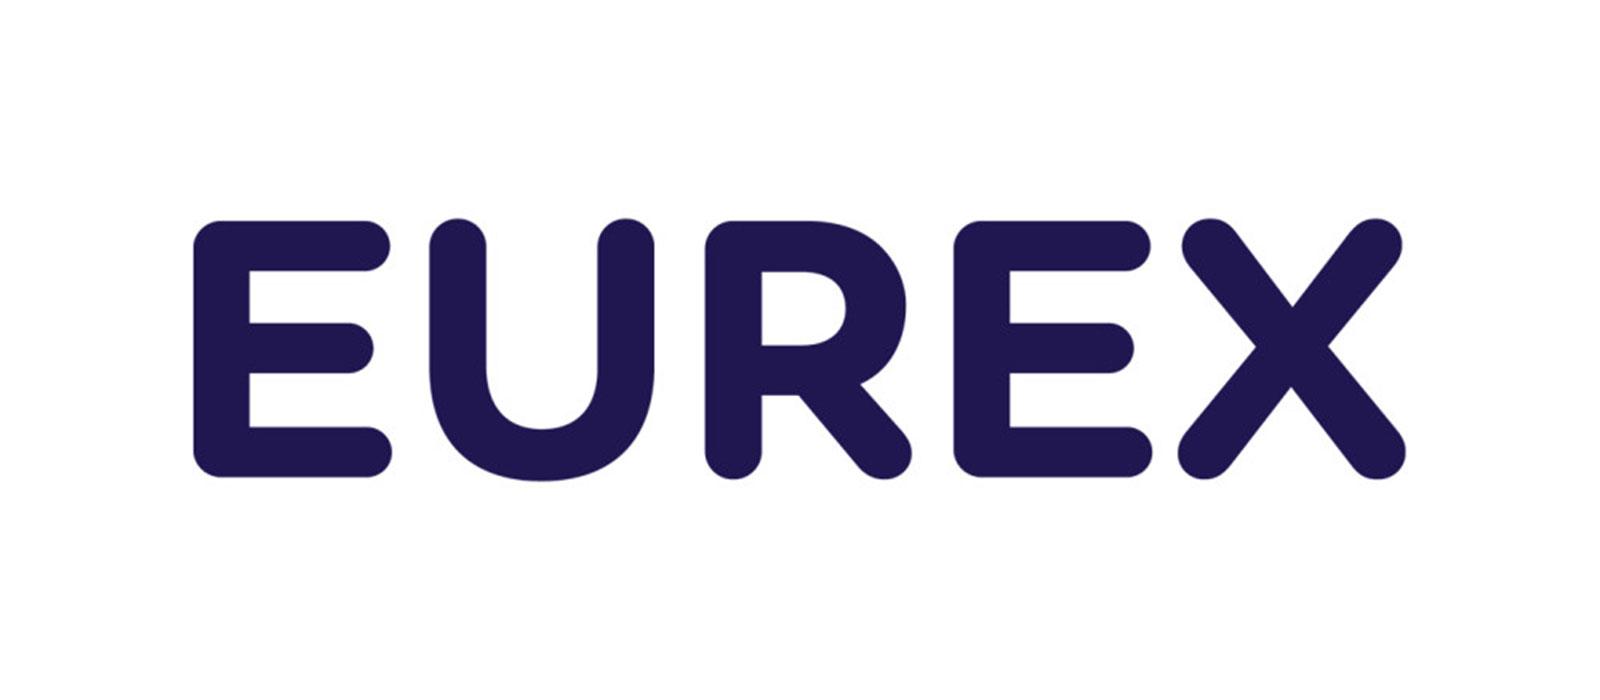 Die European Exchange ist eine der weltweit größten Terminbörsen für Finanzderivate, die 1998 aus dem Zusammenschluss der DTB und der zur SWX Swiss Exchange gehörenden SOFFEX hervorging. Die Marke Eurex ist geschützt.